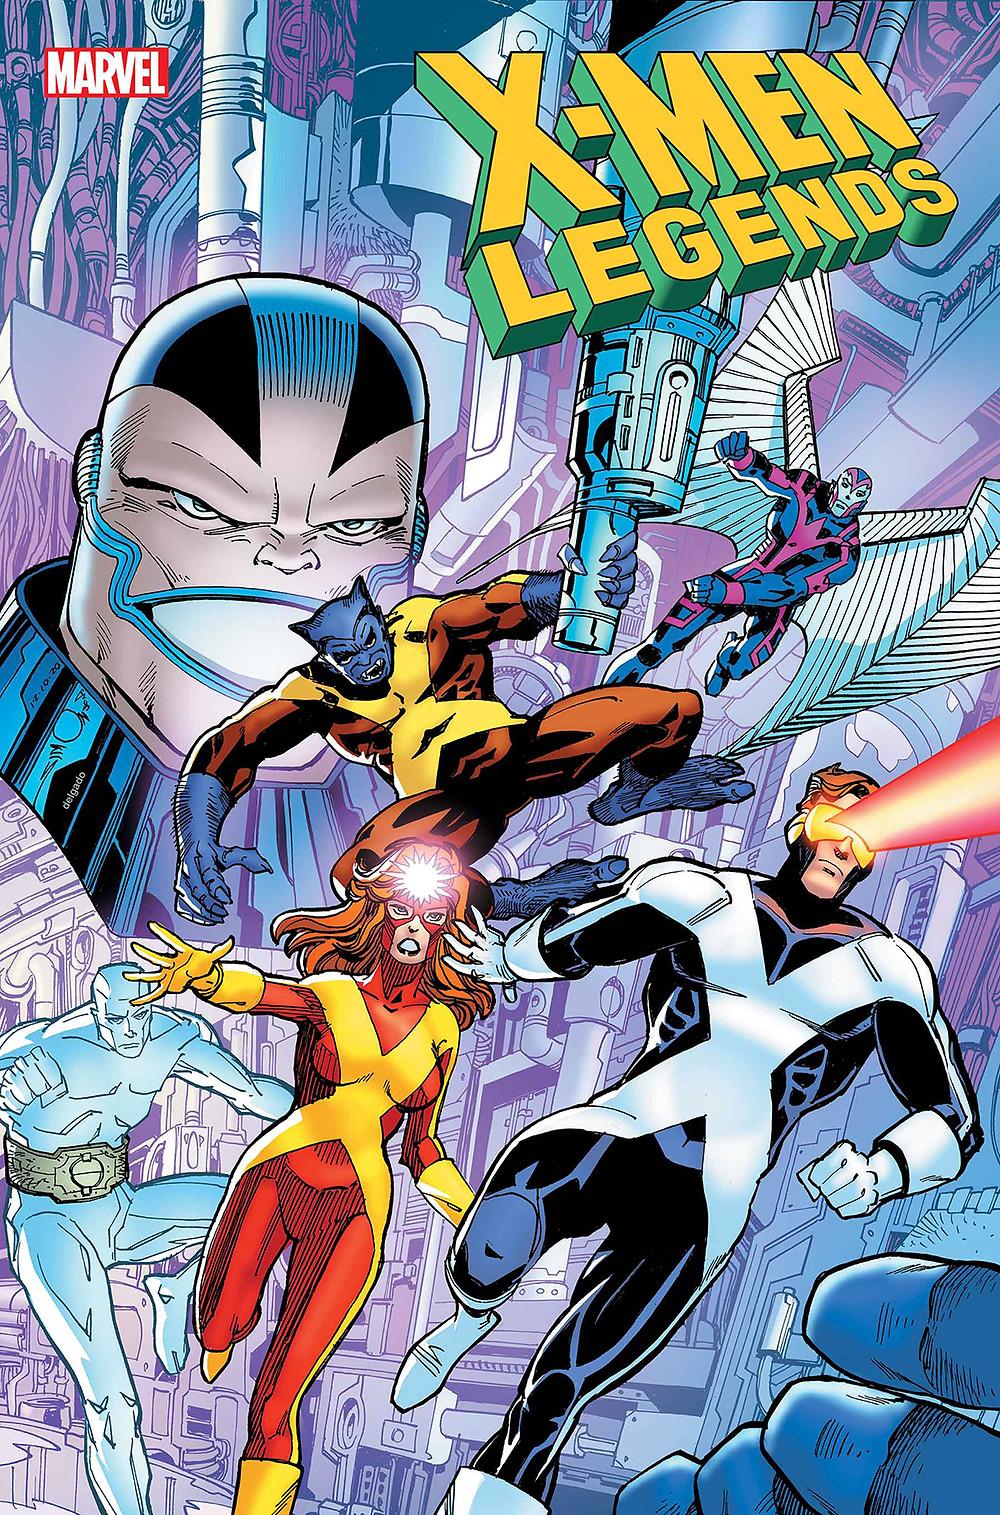 X-Men Legends #3 Cover